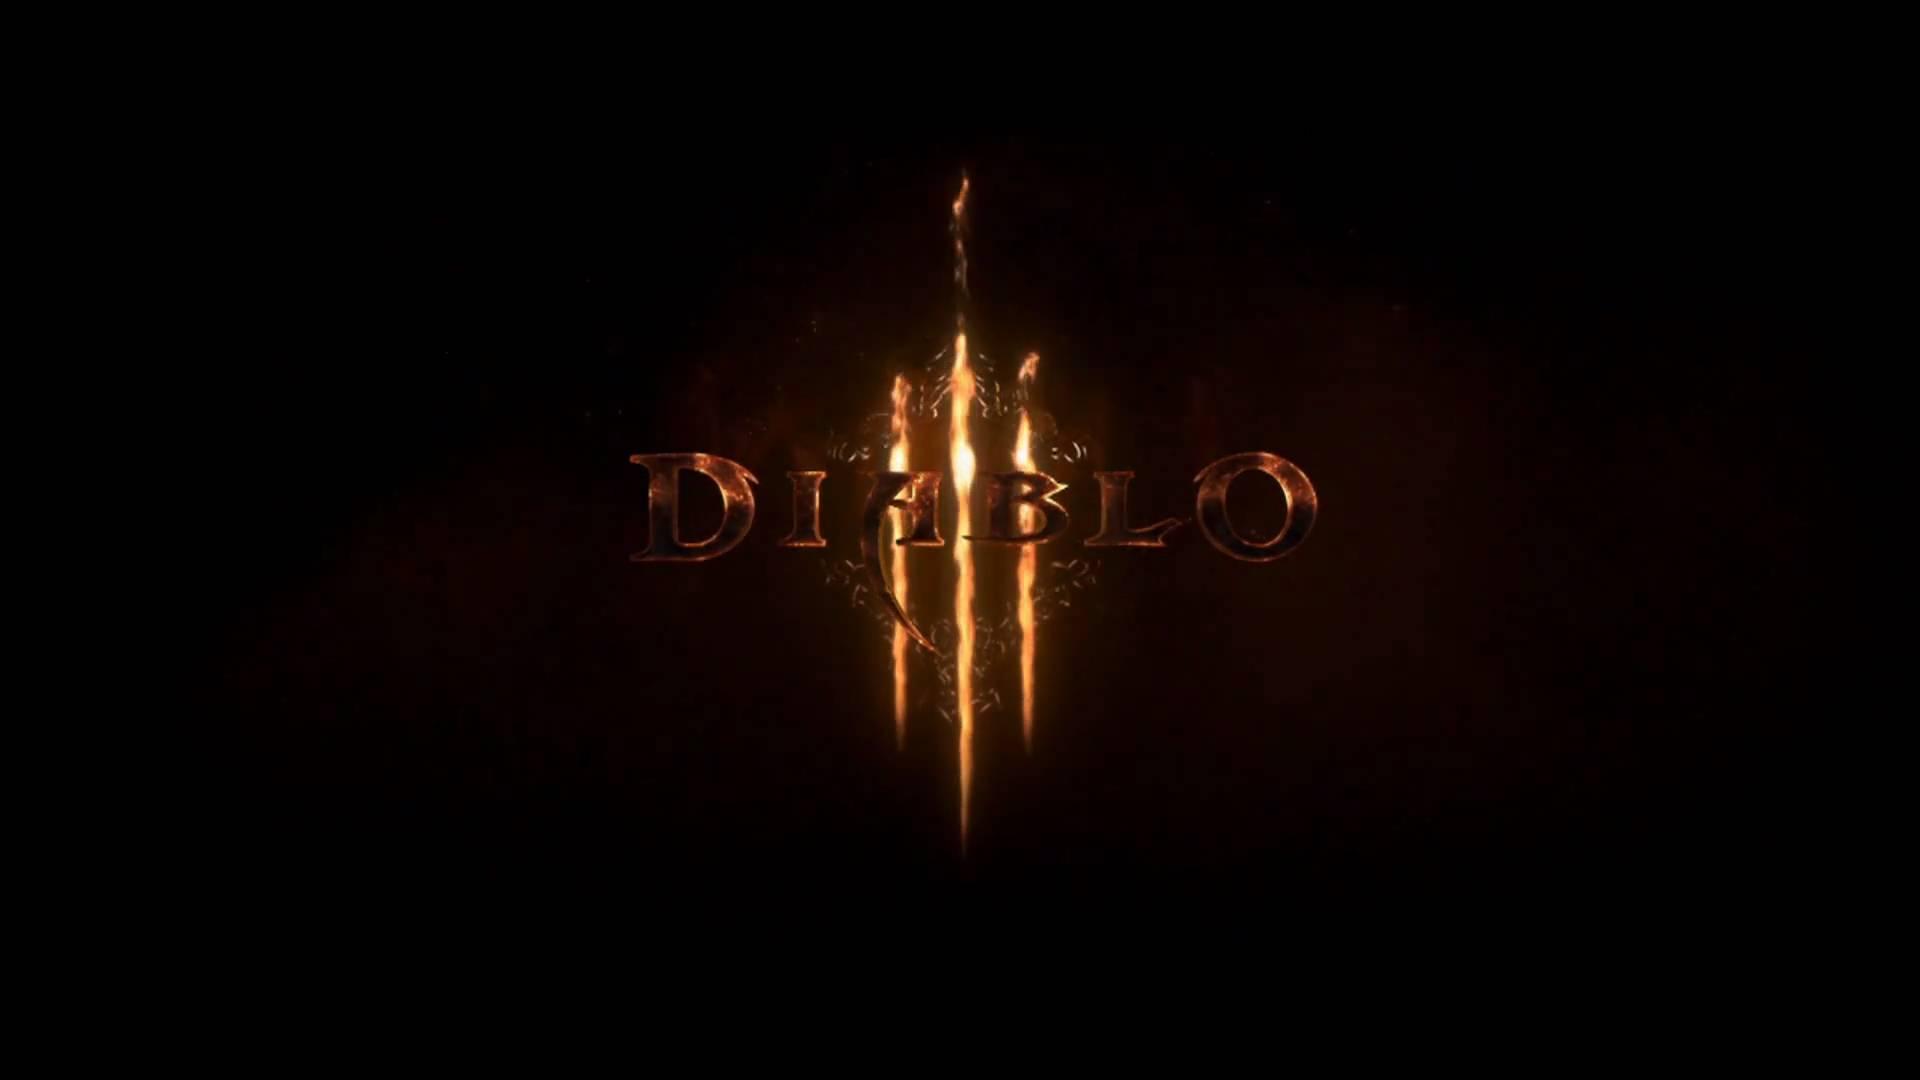 Diablo 3 Animated Wallpaper Wallpapersafari